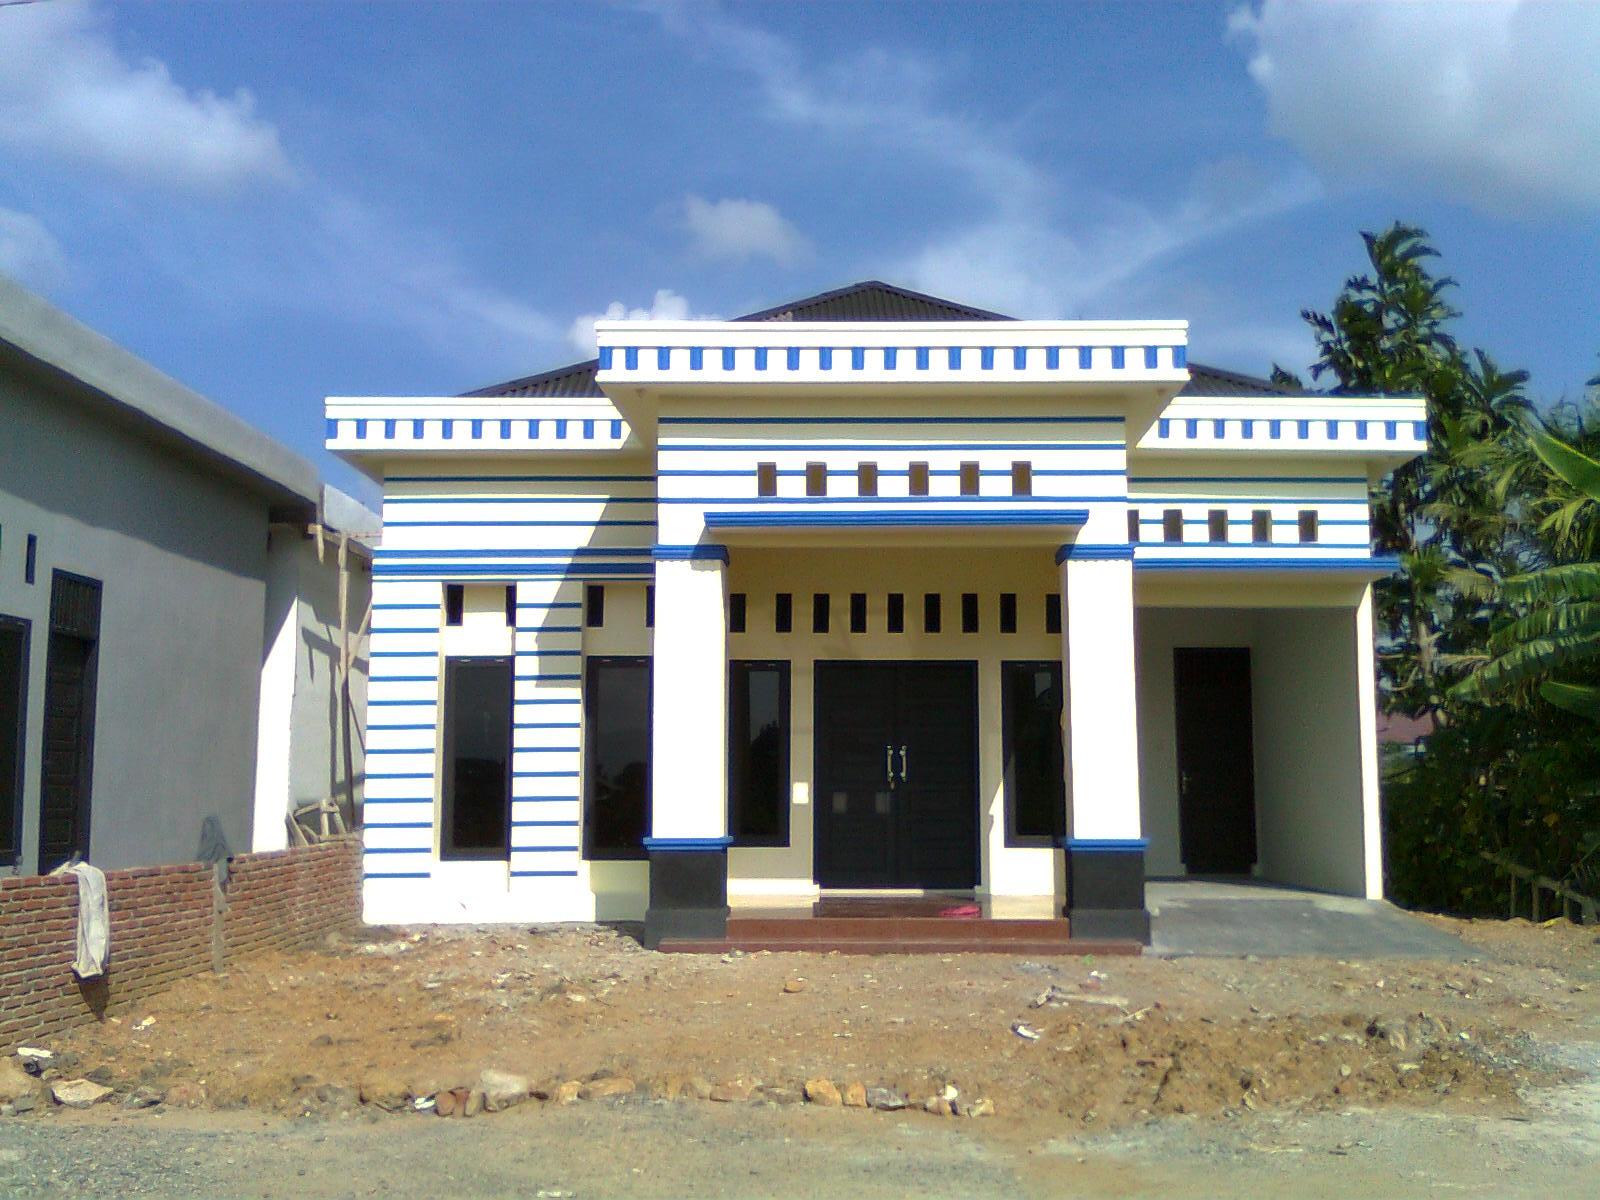 Download Koleksi Model Rumah Sederhana Di Kampung 2016 Terunik Generasi Arsitek